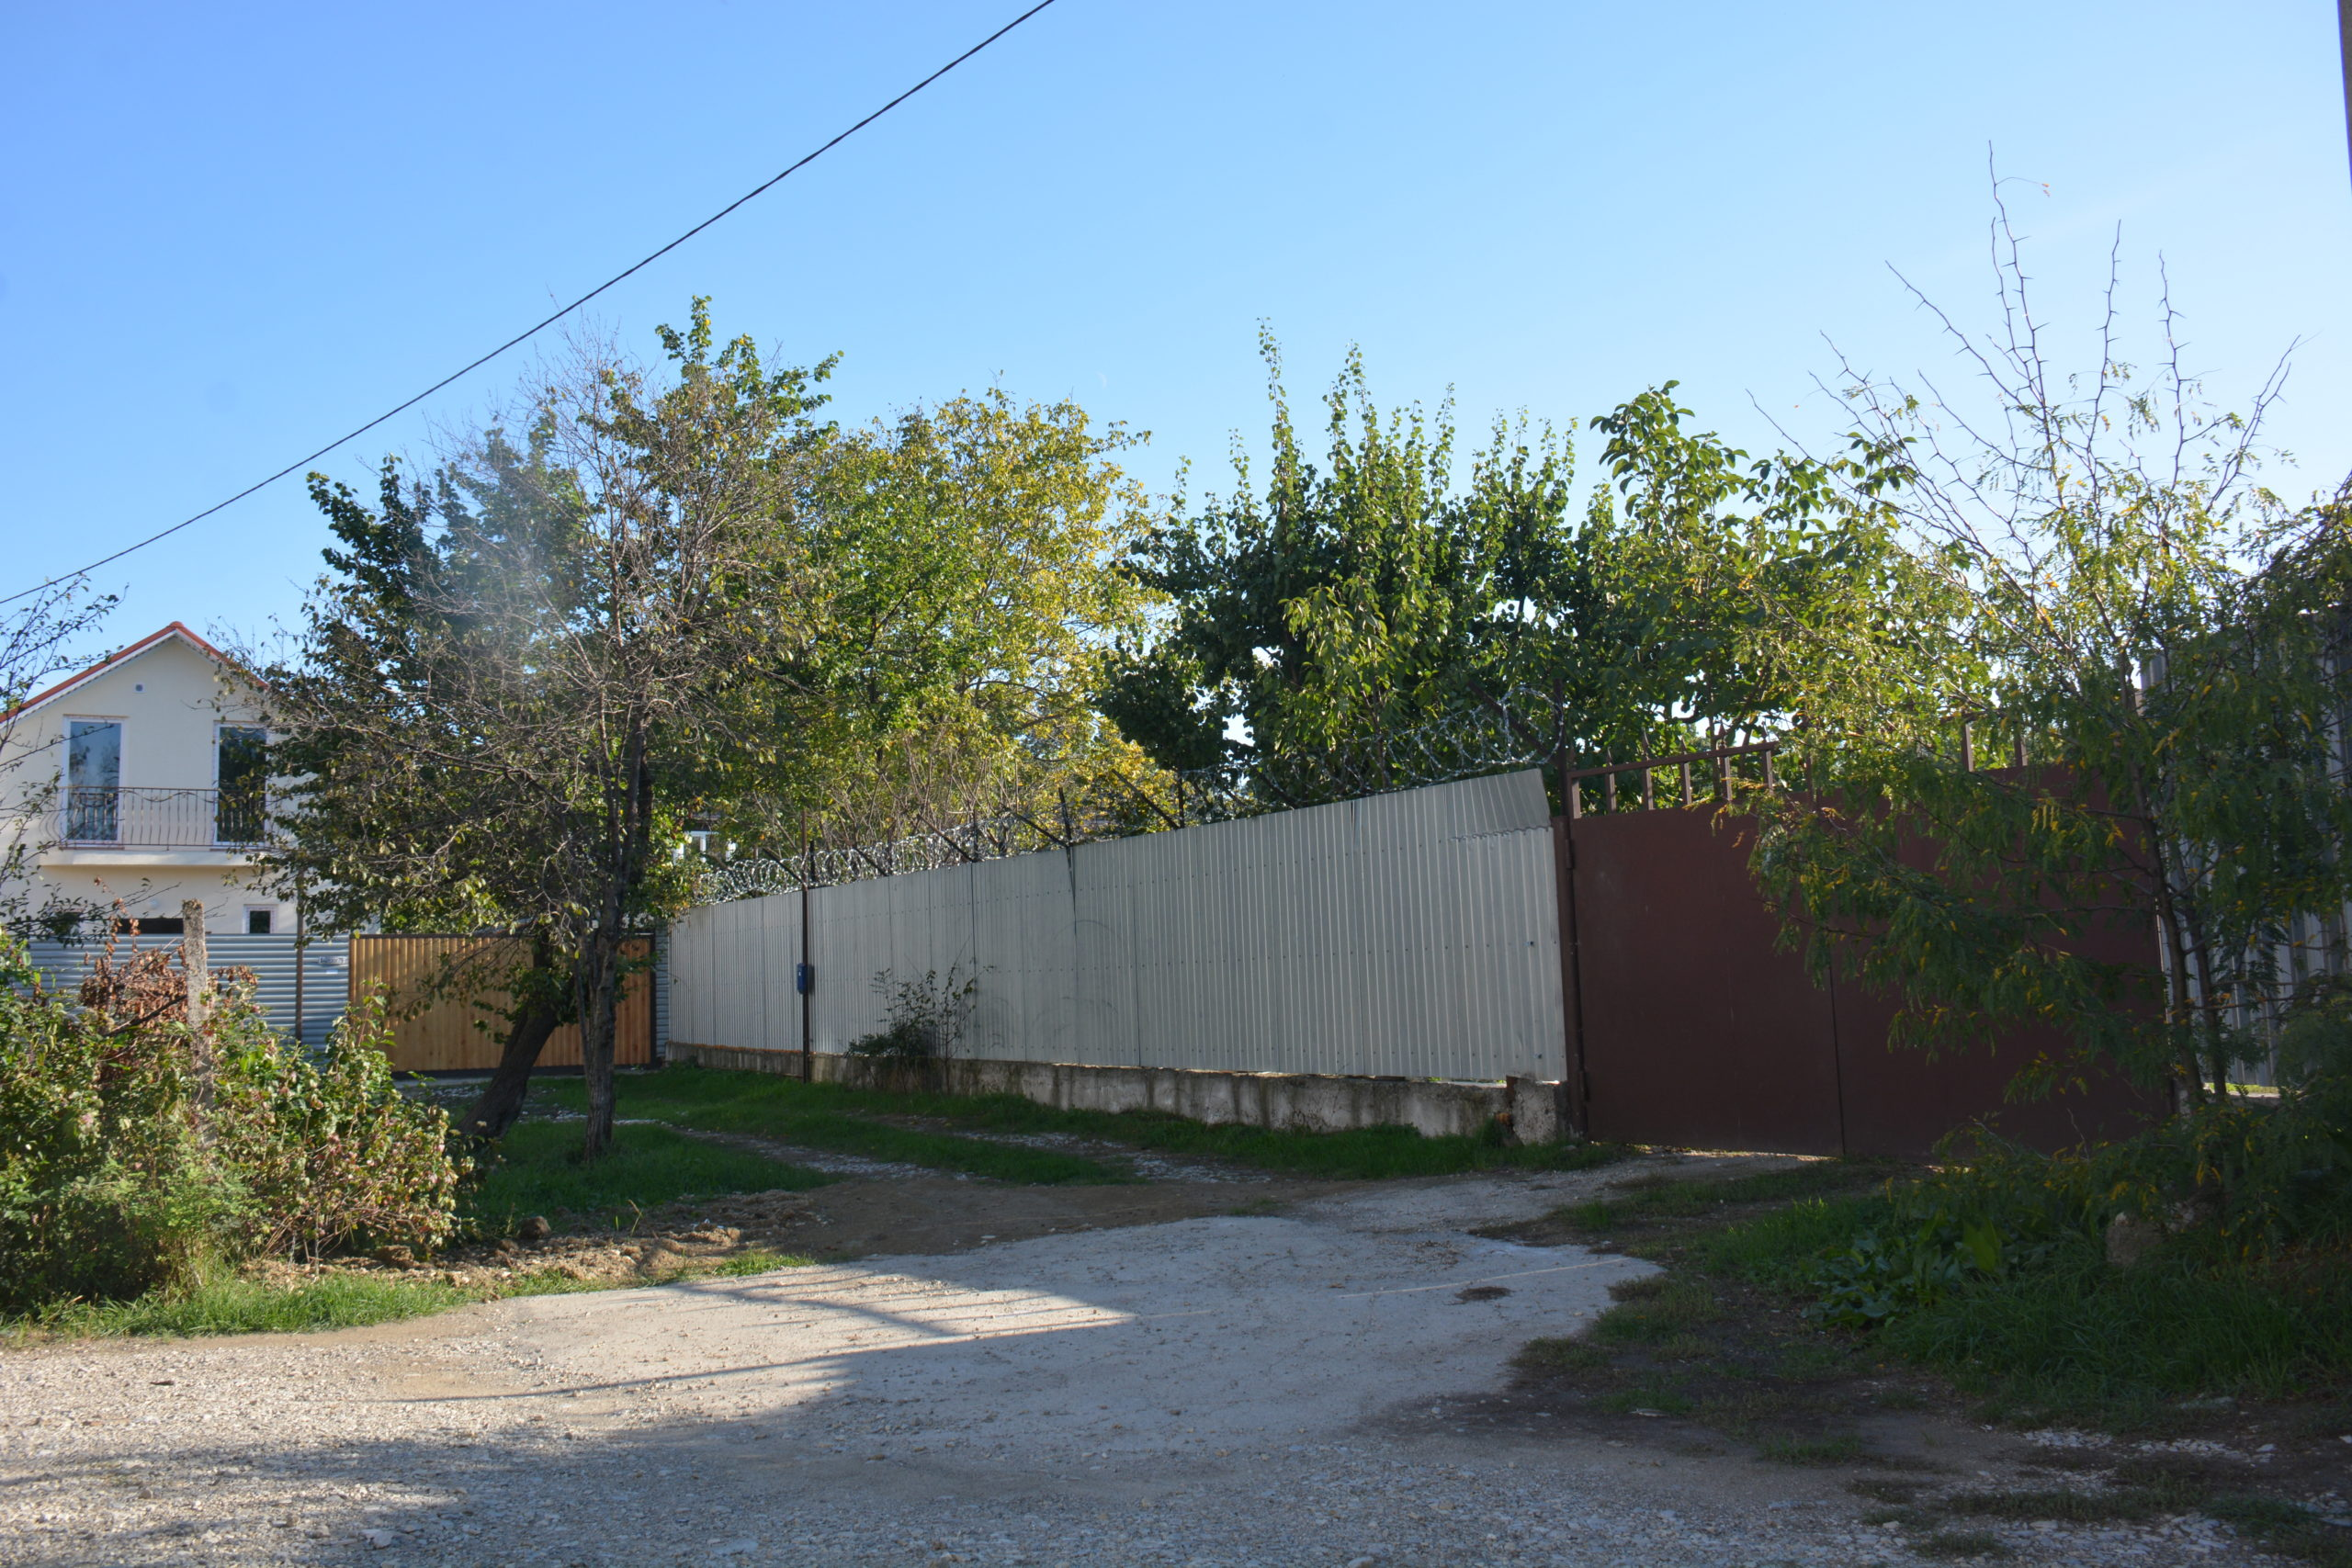 Новороссийский суд запретил свиноферму в «Царском селе». Жители не особо верят, что вонь и мухи исчезнут